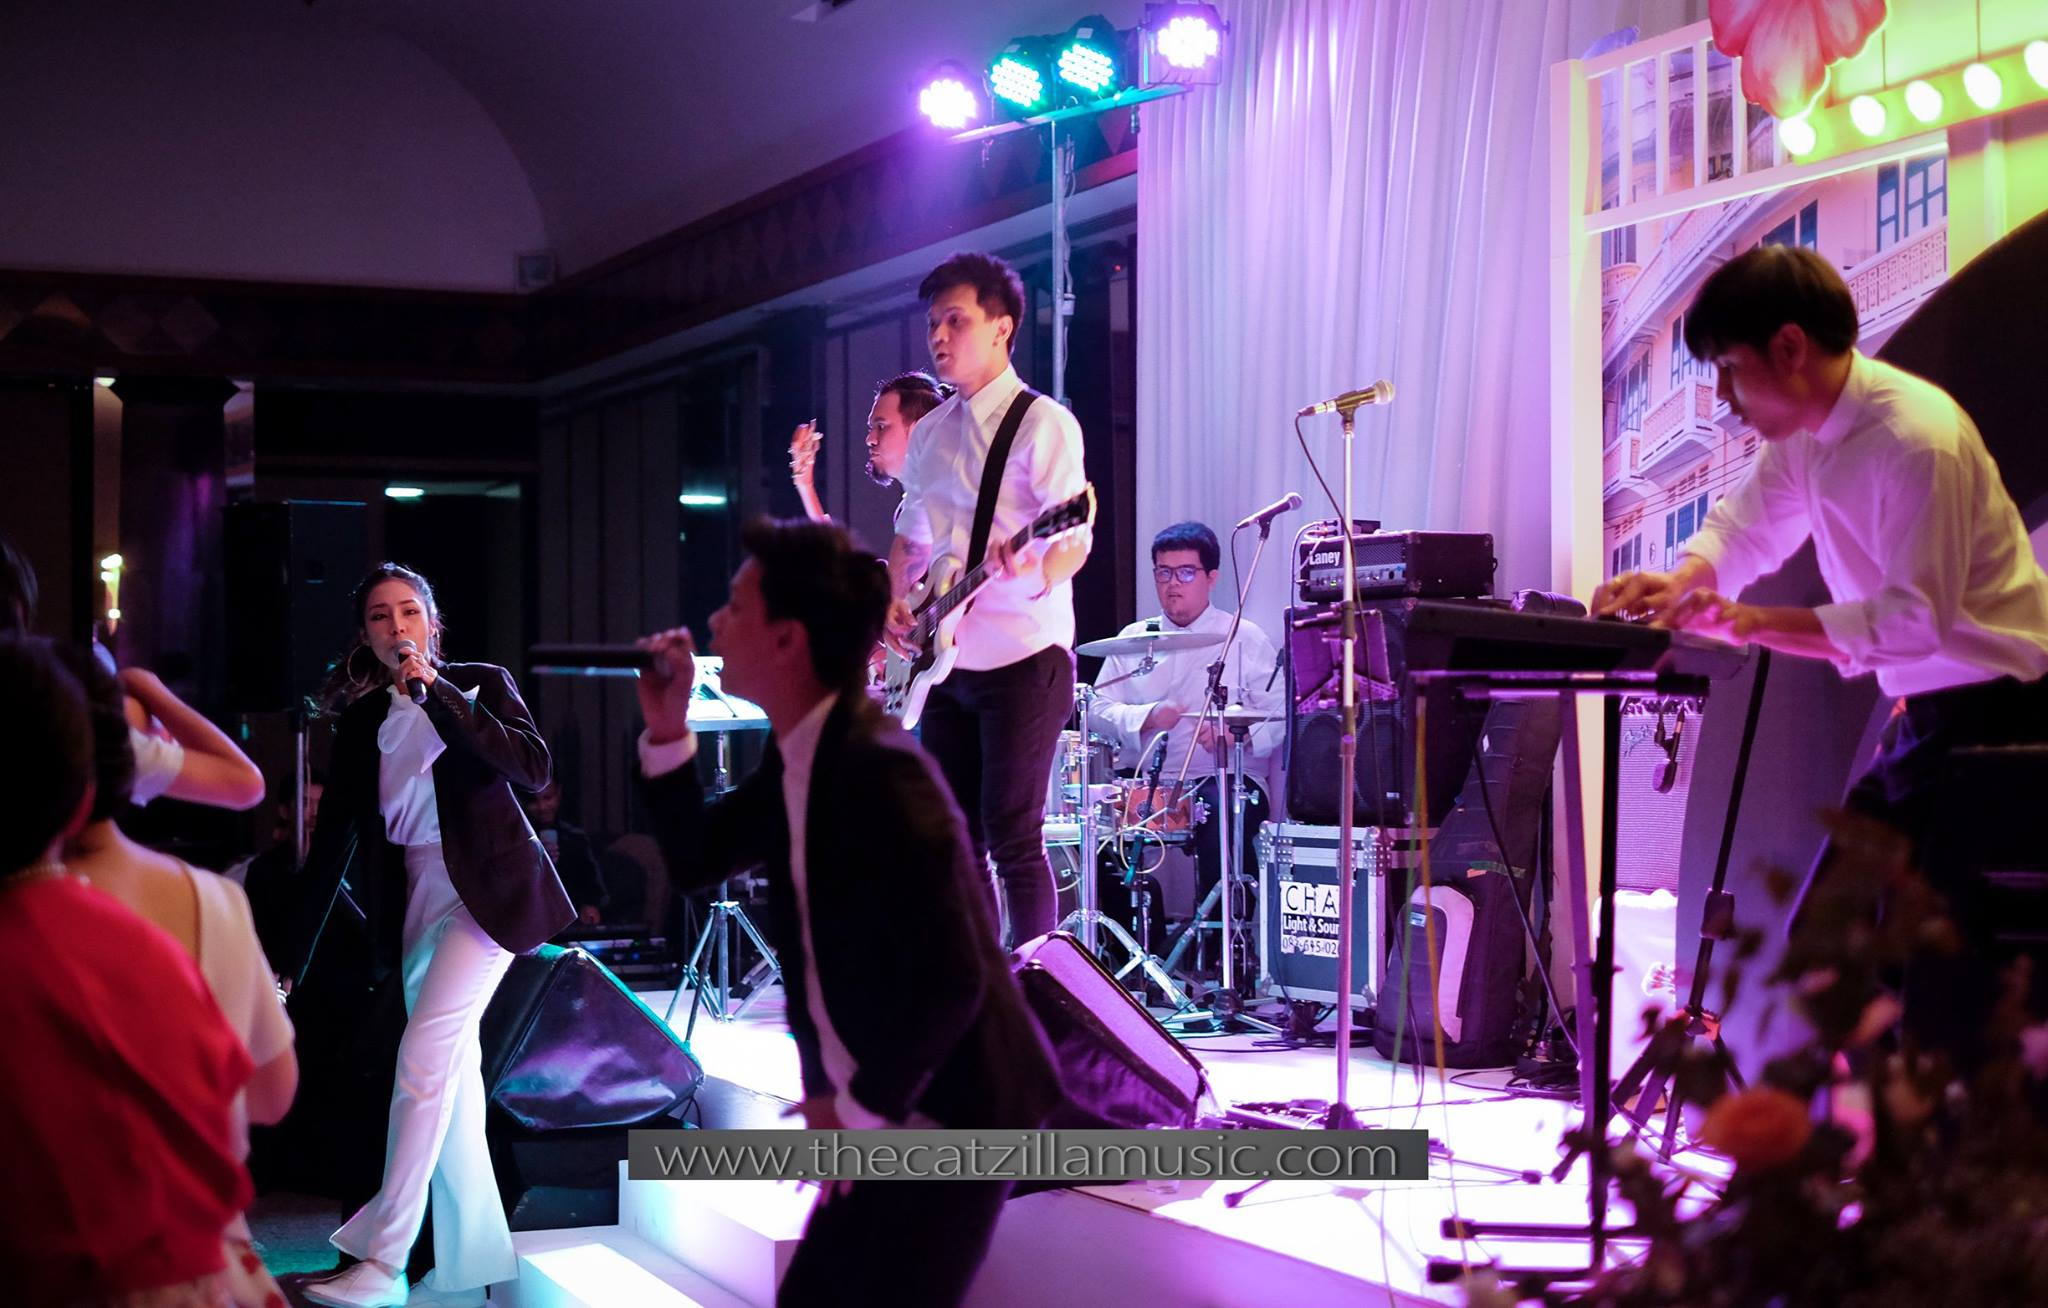 วงดนตรีงานแต่งงาน After Party Wedding บุ๋นแบนด์ Catzilla โรงแรมสุโขทัย